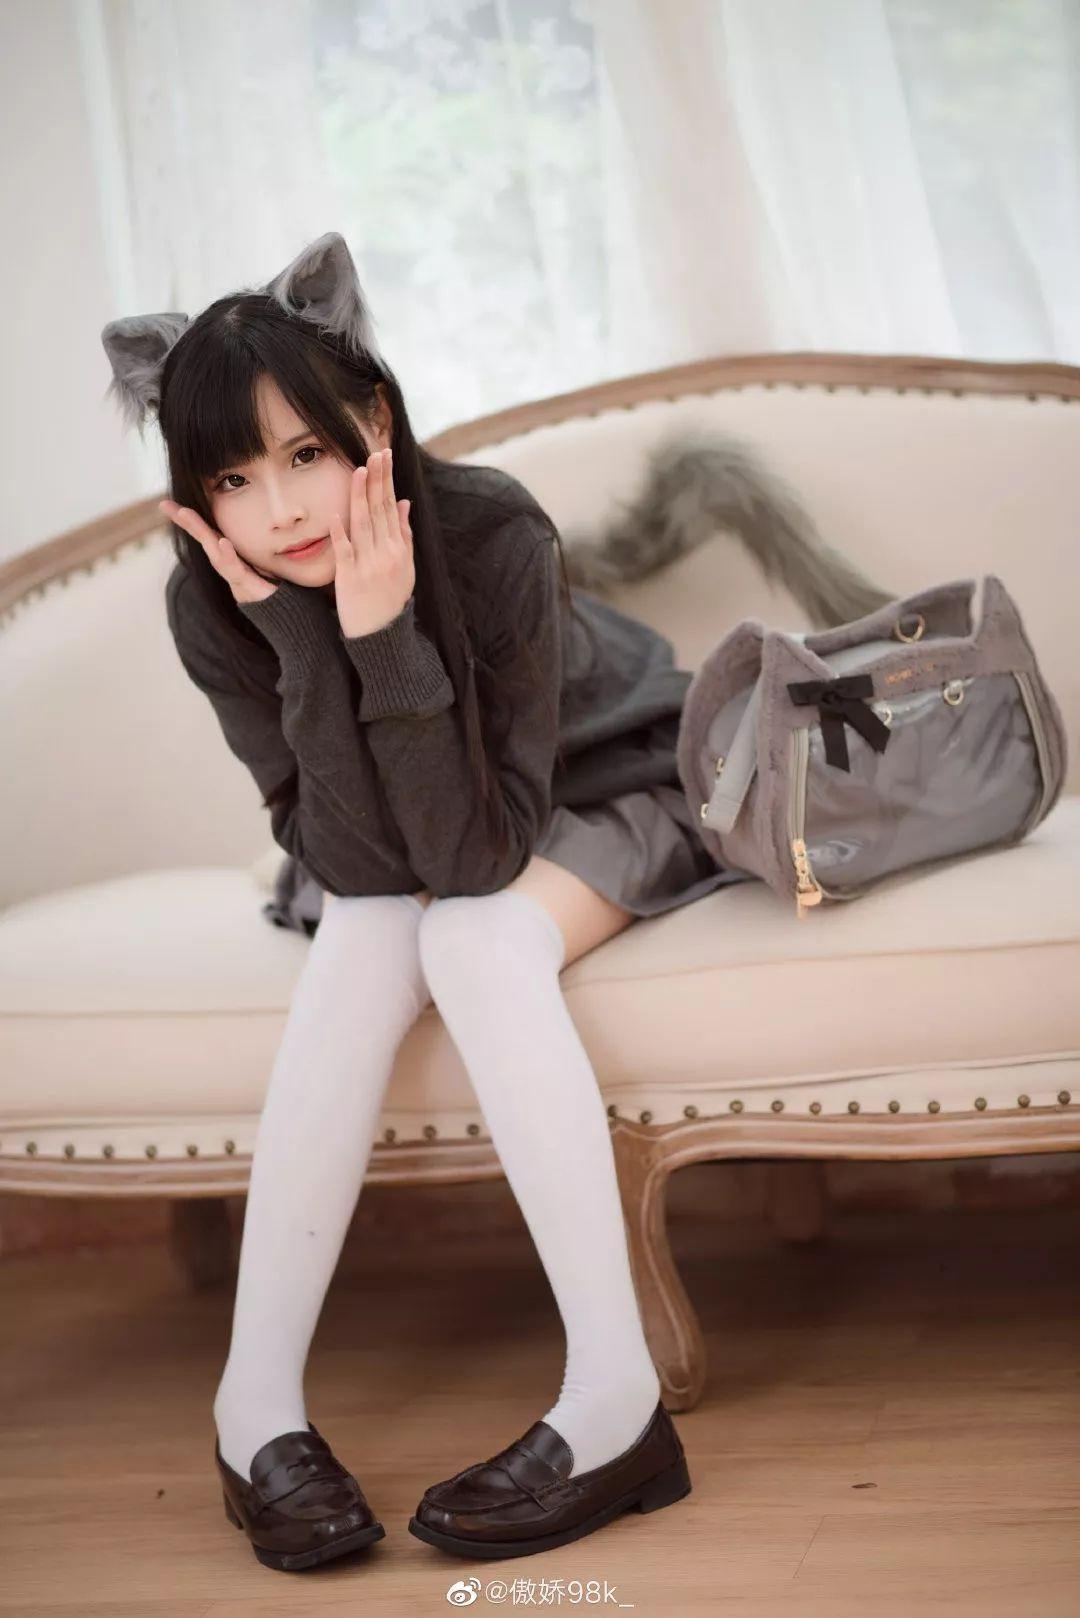 微博美少女@进击的小阿九(傲娇98k_),JK制服搭配狐狸装,瞬间想起了初恋!-觅爱图